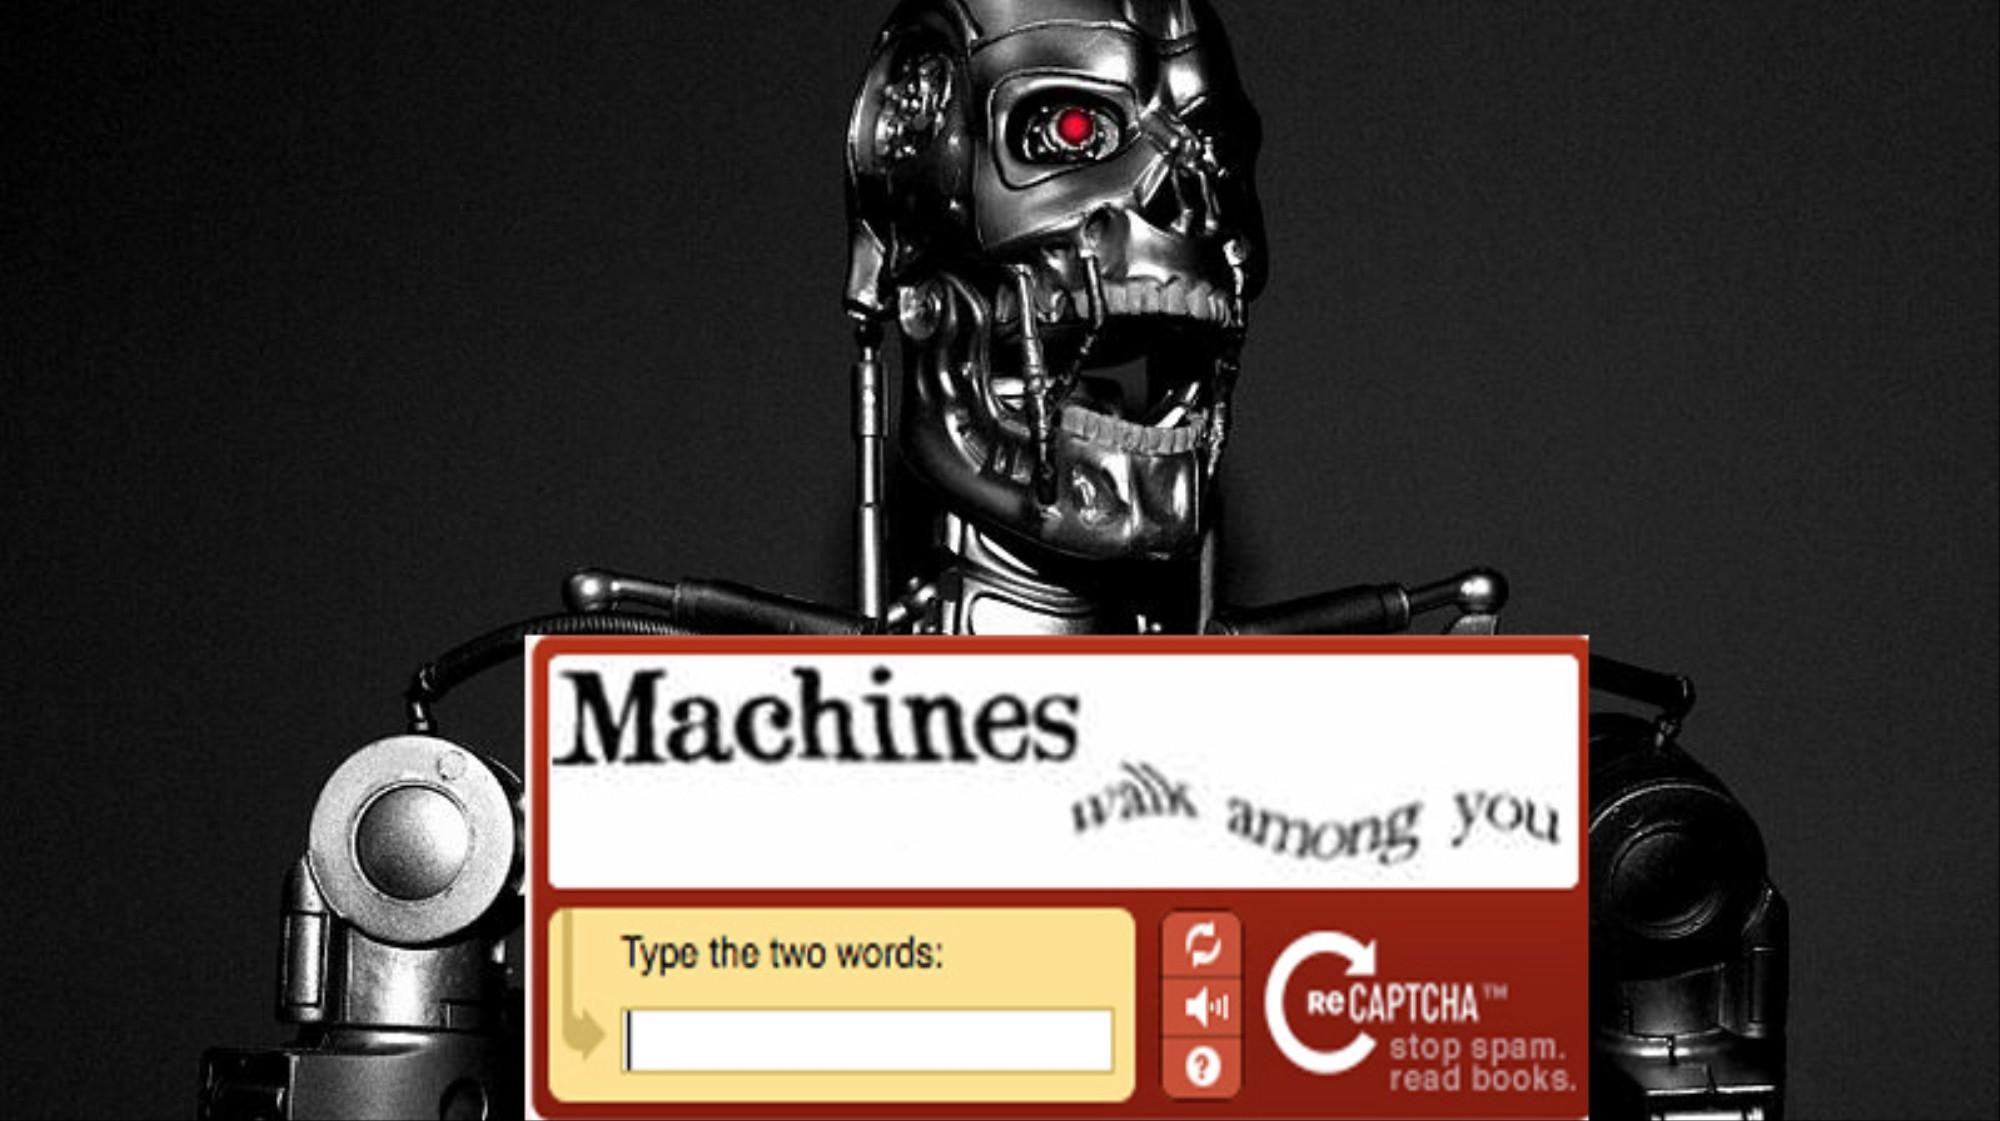 Исследователи проходят ReCAPTCHA при помощи сервисов Google - 1